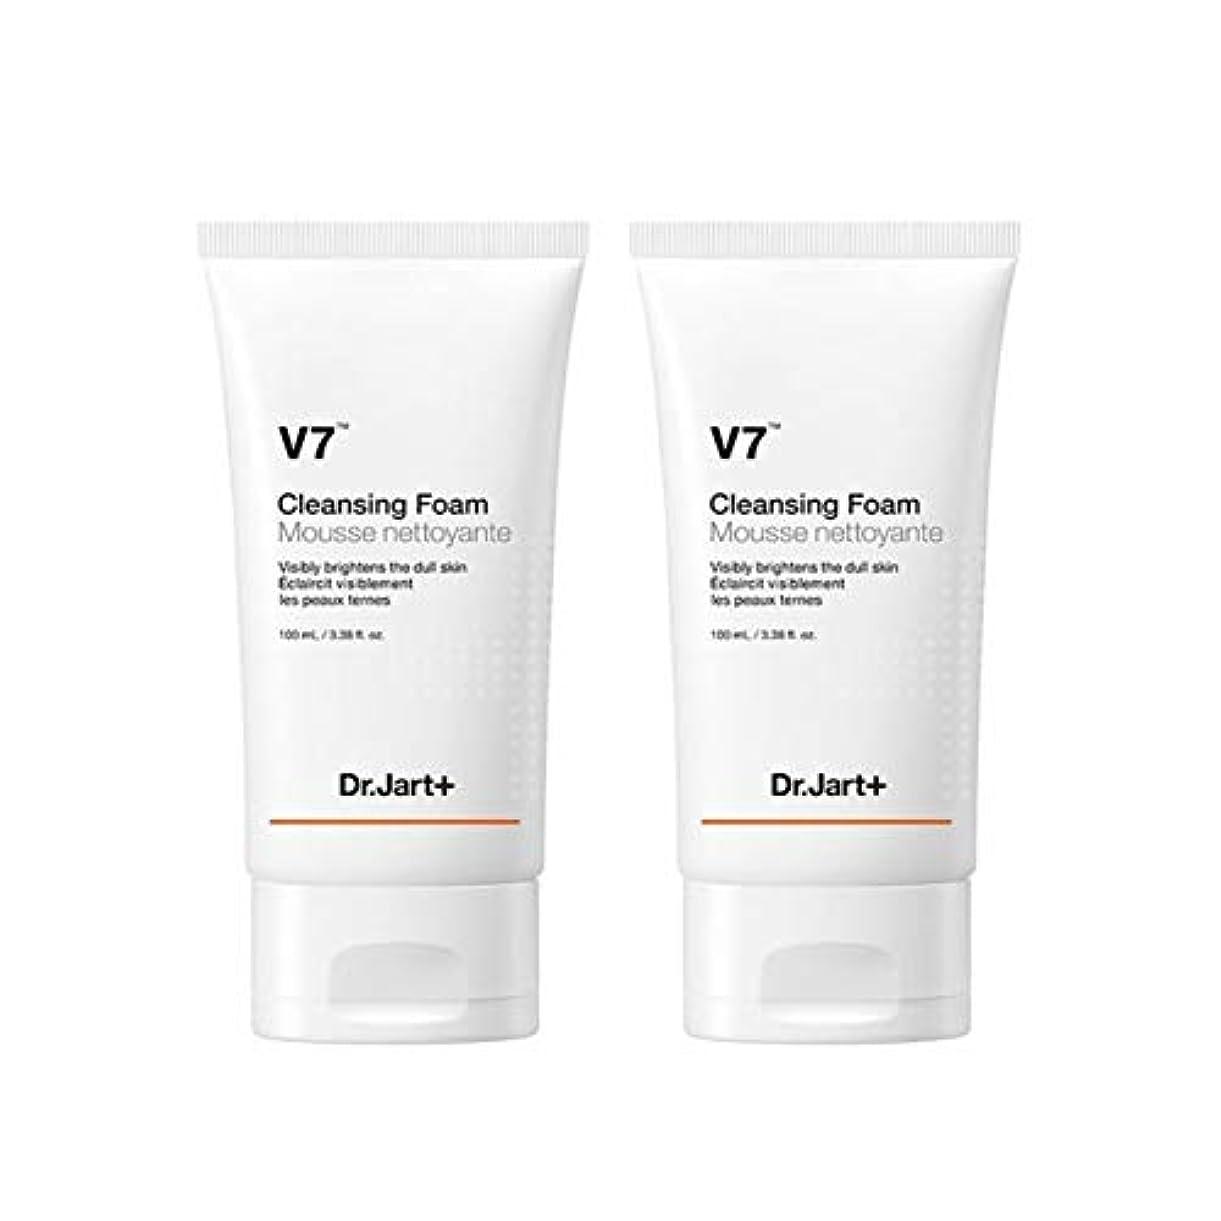 いろいろケージ苦痛ドクタージャルトゥV7クレンジングフォーム100mlx2本セット韓国コスメ、Dr.Jart V7 Cleansing Foam 100ml x 2ea Set Korean Cosmetics [並行輸入品]